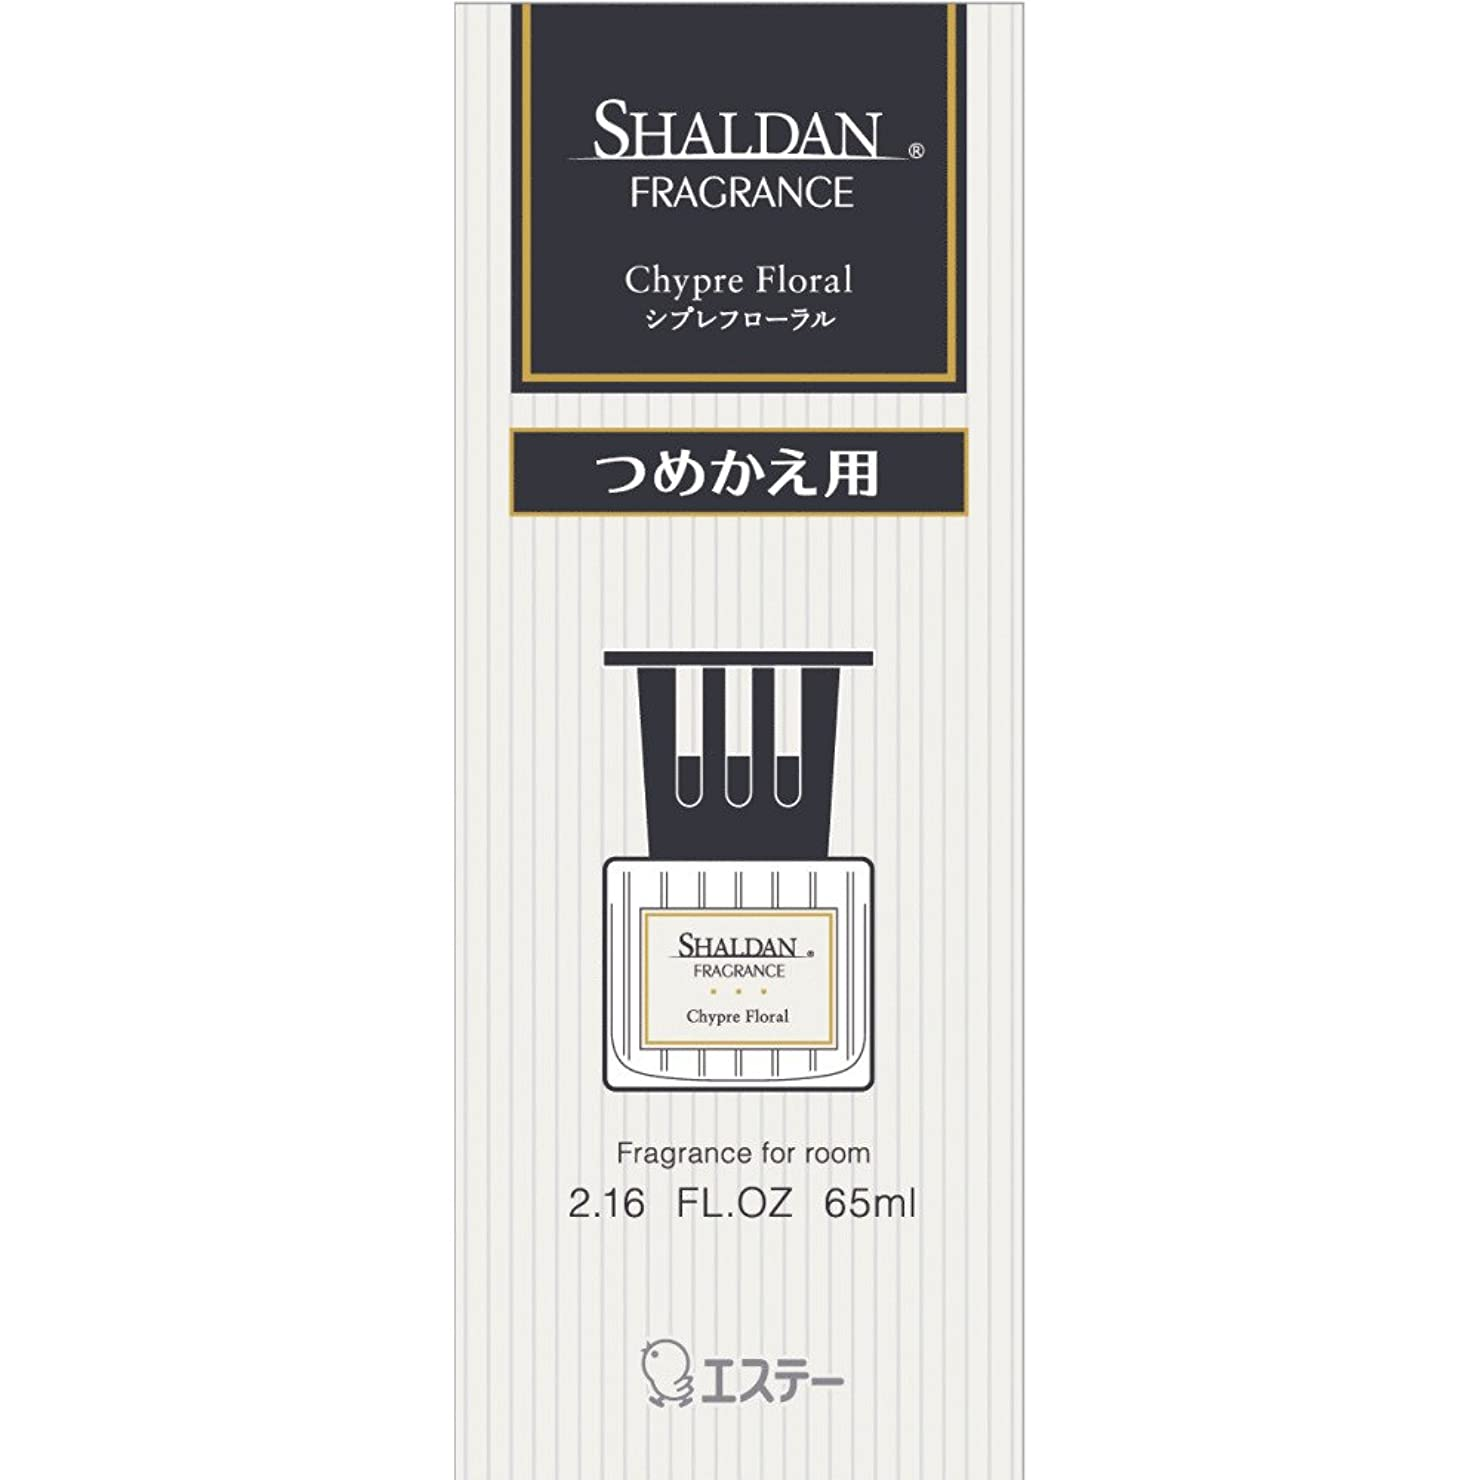 大きなスケールで見ると大きなスケールで見ると囲まれたシャルダン SHALDAN フレグランス 消臭芳香剤 部屋用 つめかえ シプレフローラル 65ml